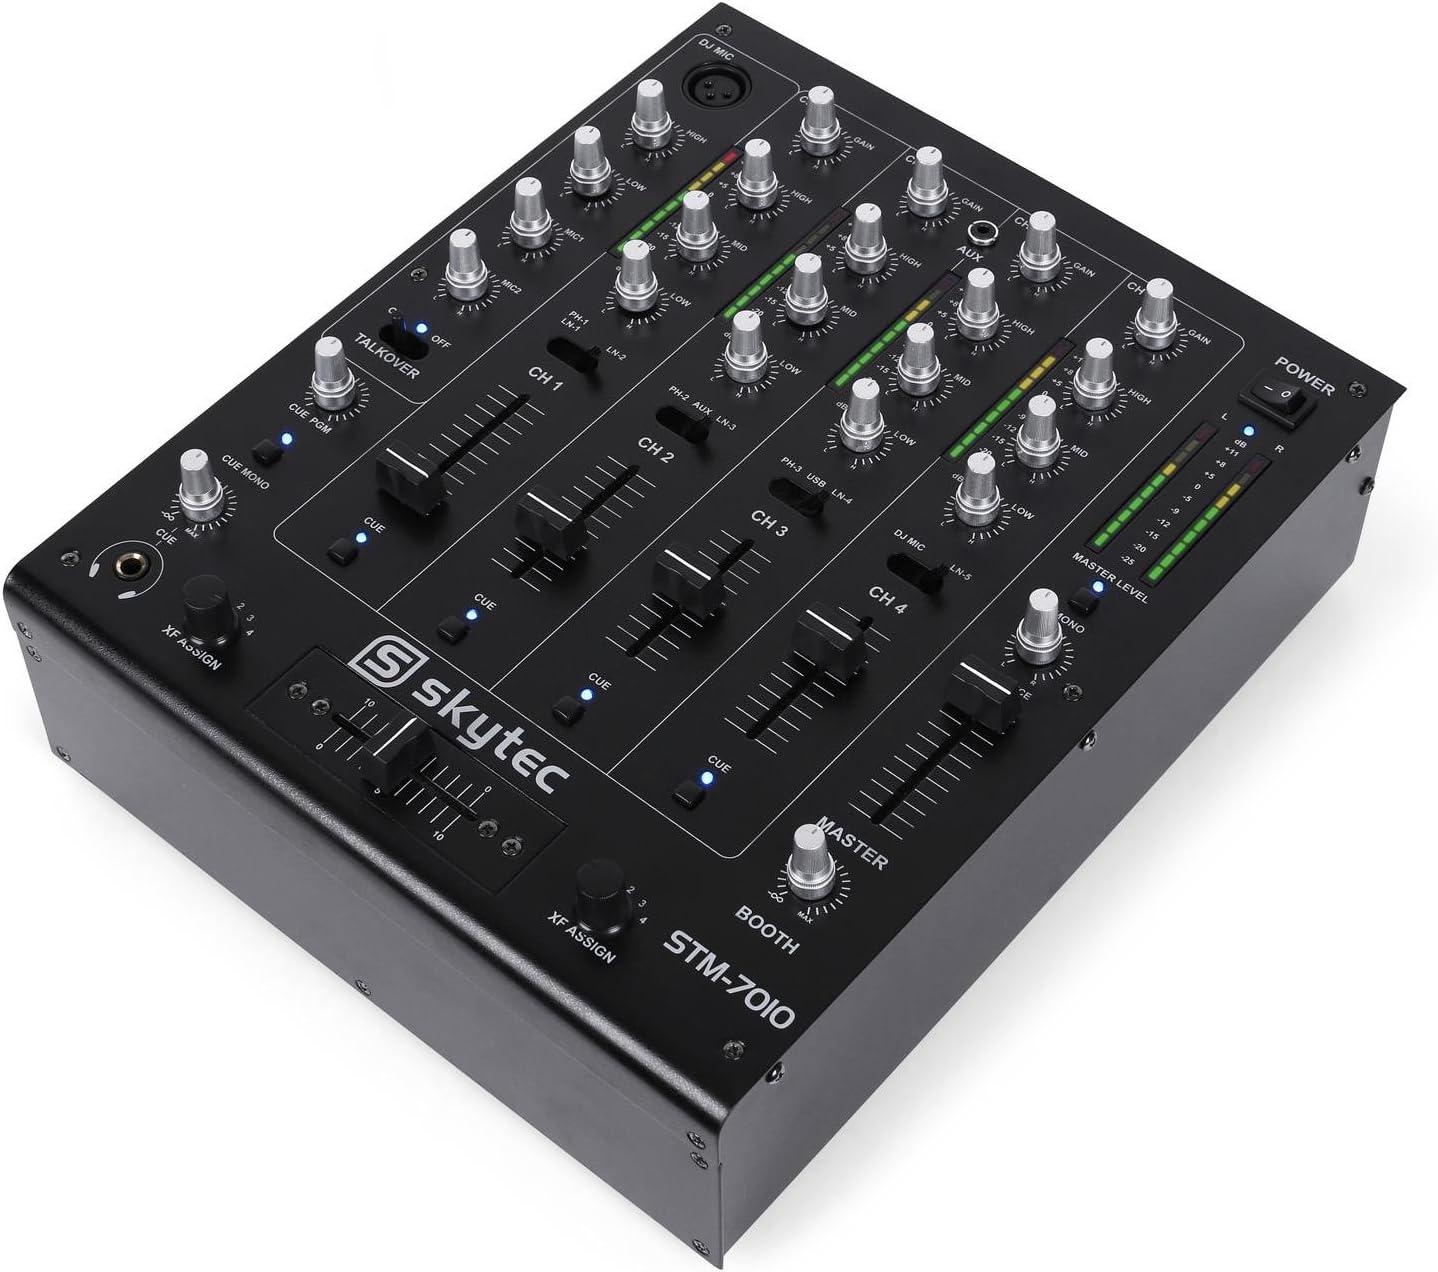 STM-7010 Mezclador 4 canales DJ USB: Amazon.es: Instrumentos musicales